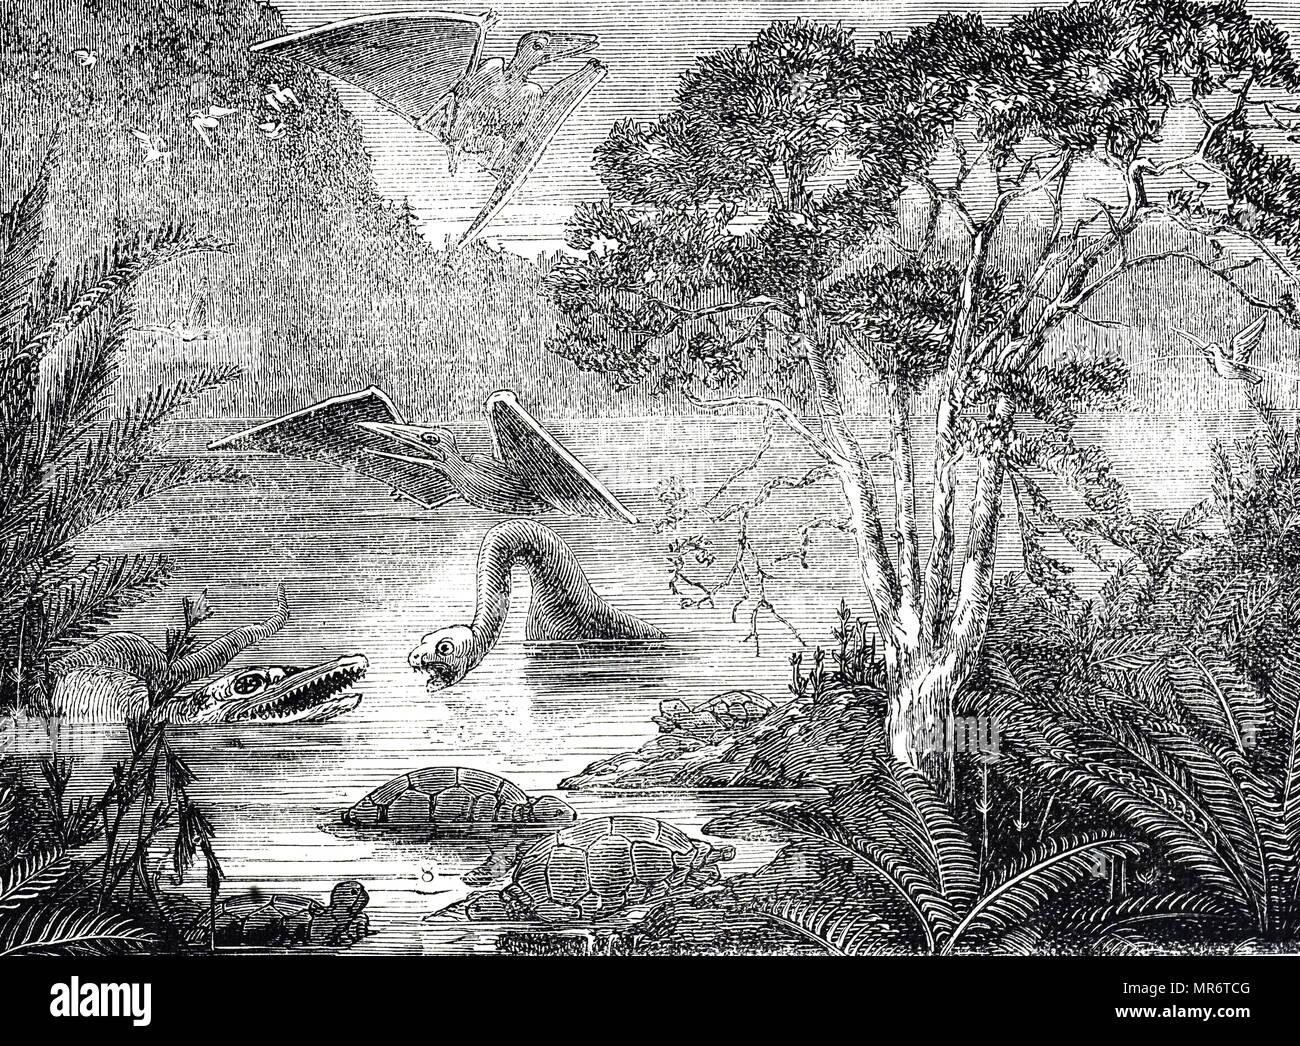 Grabado representando el ideal de la flora y la fauna del período Cretácico Superior. Fecha del siglo XIX Imagen De Stock